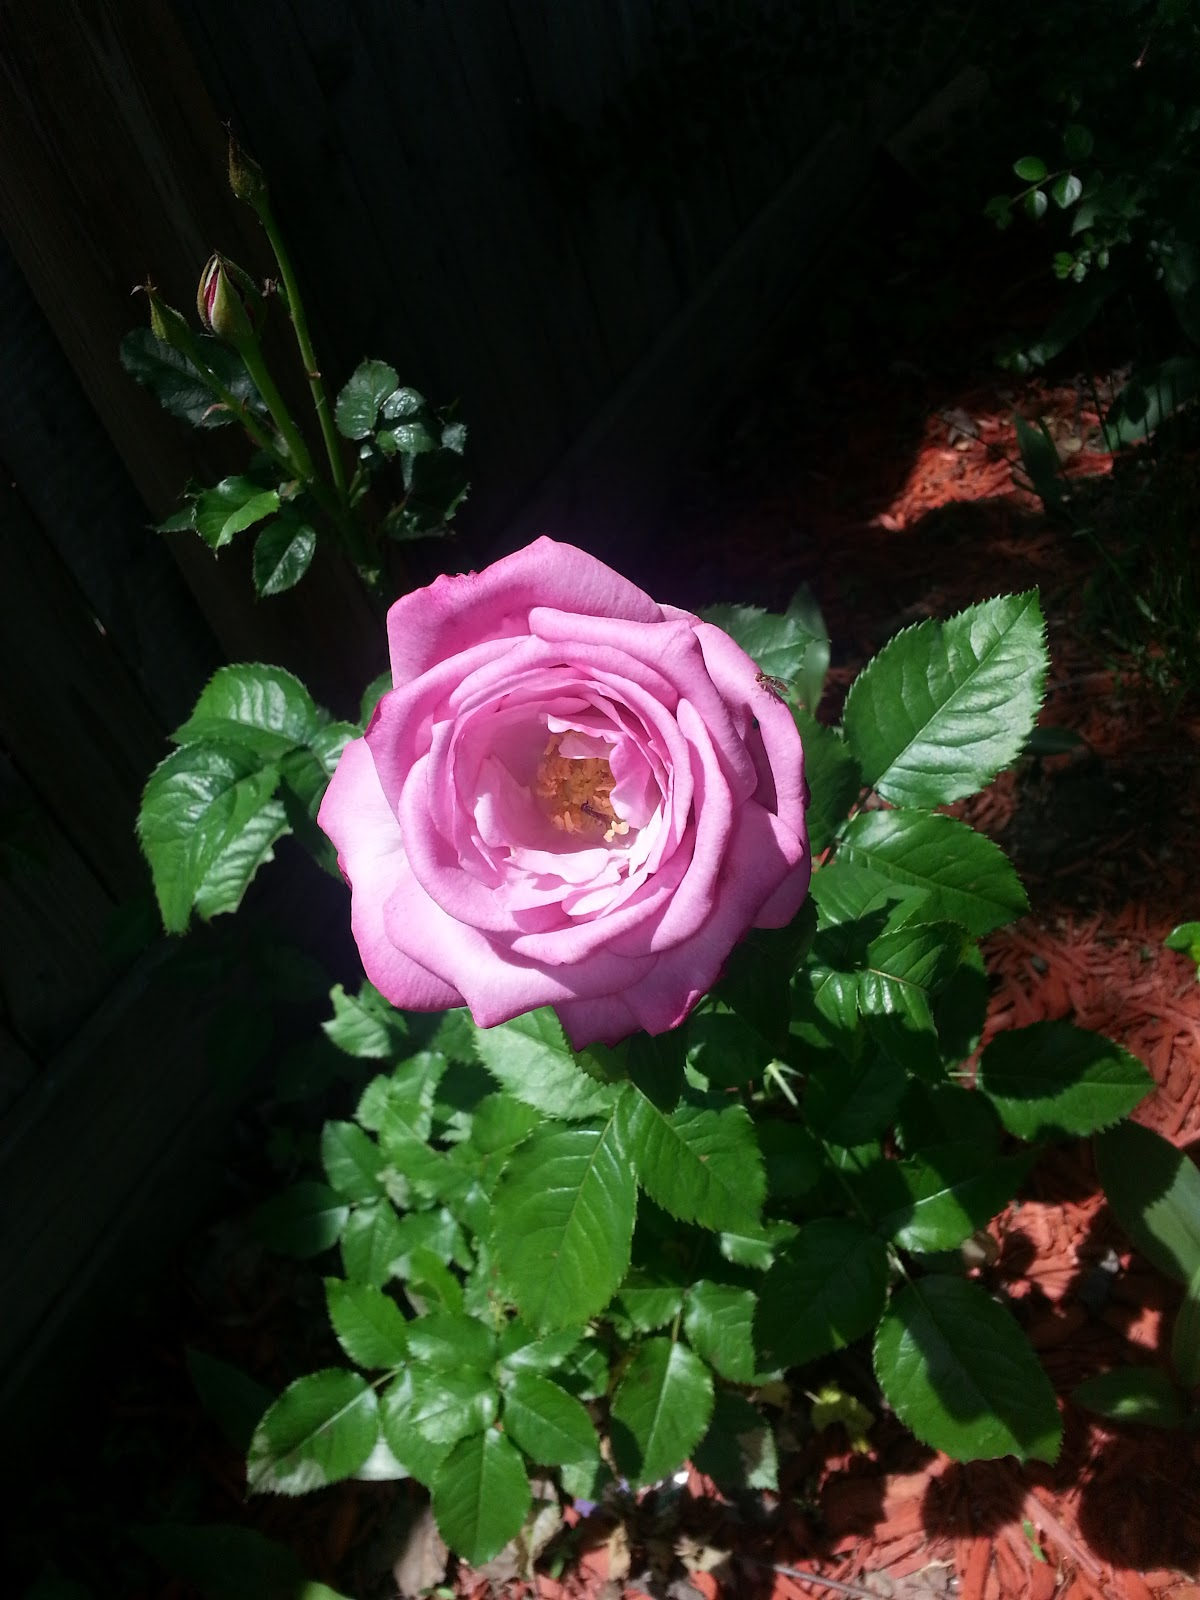 Barbra Streisand rose image